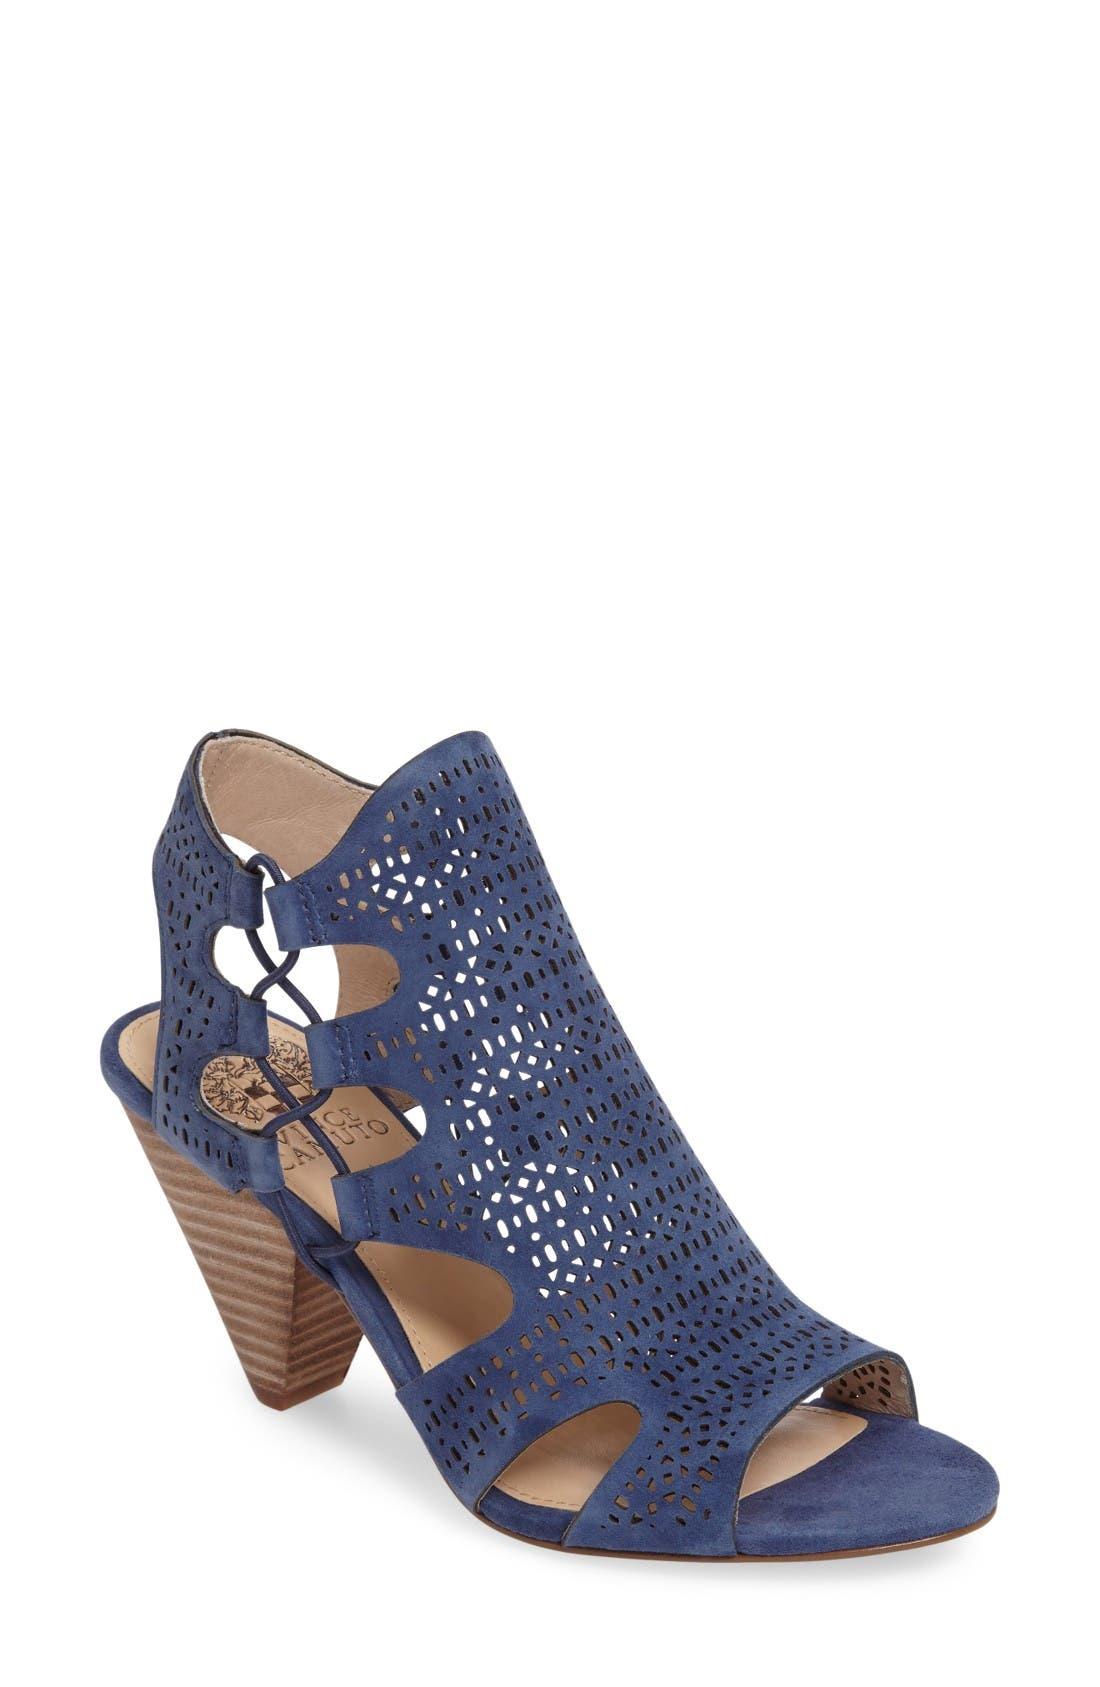 Alternate Image 1 Selected - Vince Camuto Eadon Cutout Sandal (Women)